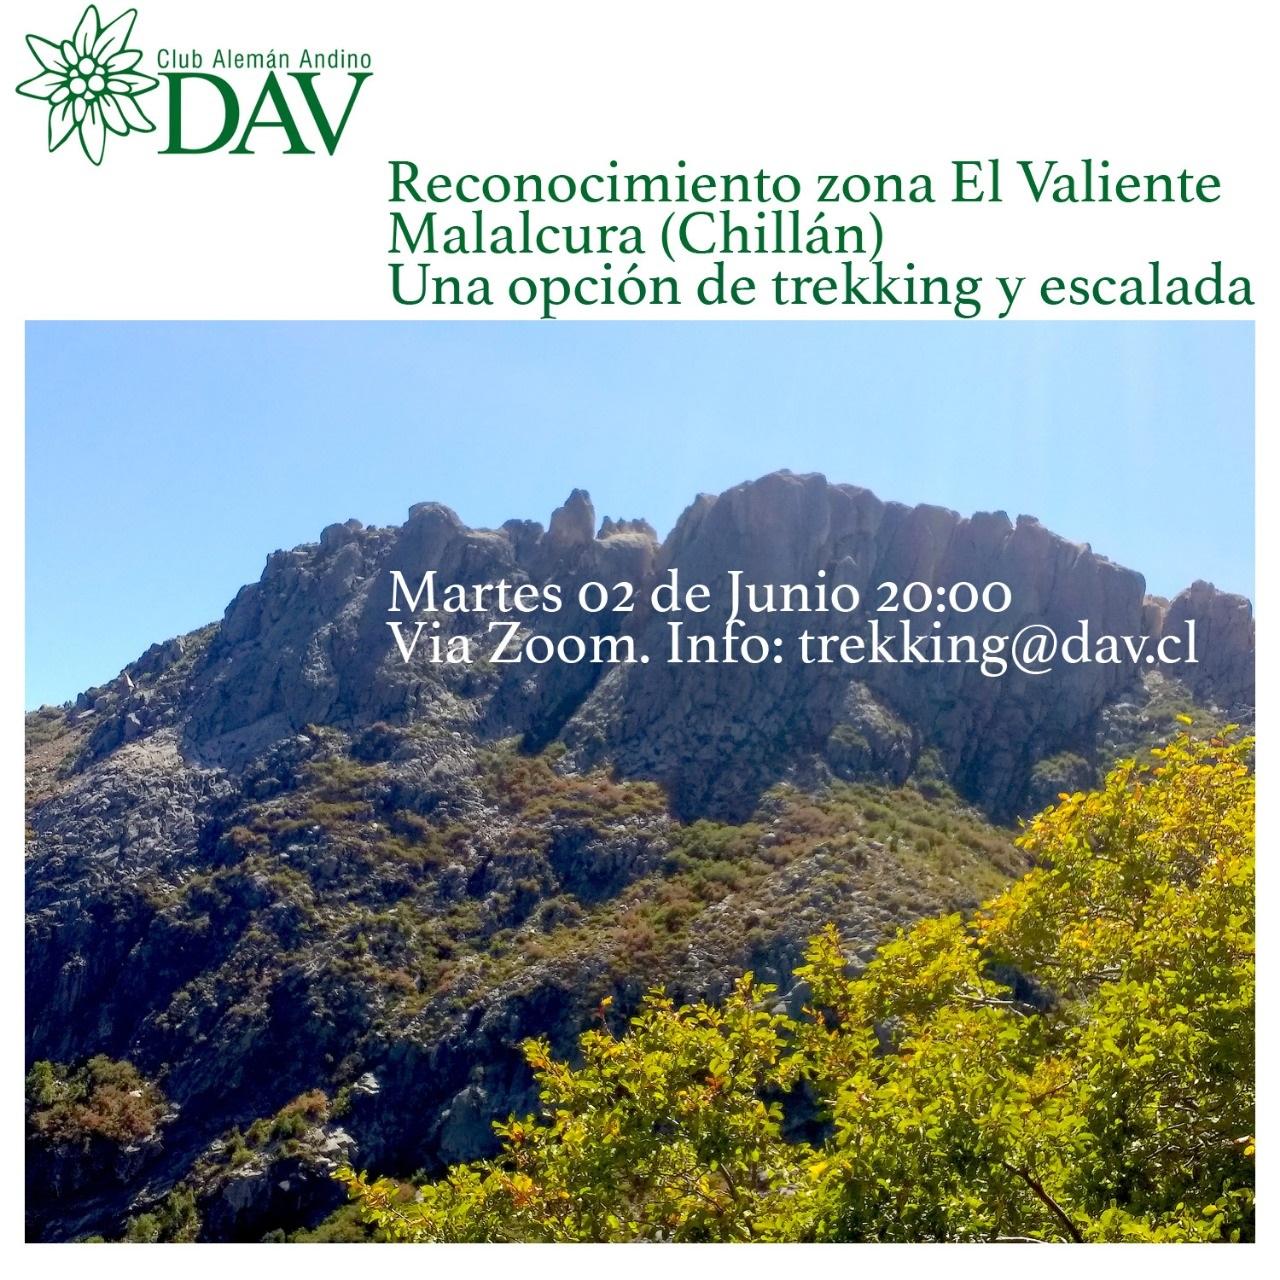 Ciclo de Diaporamas Online DAV